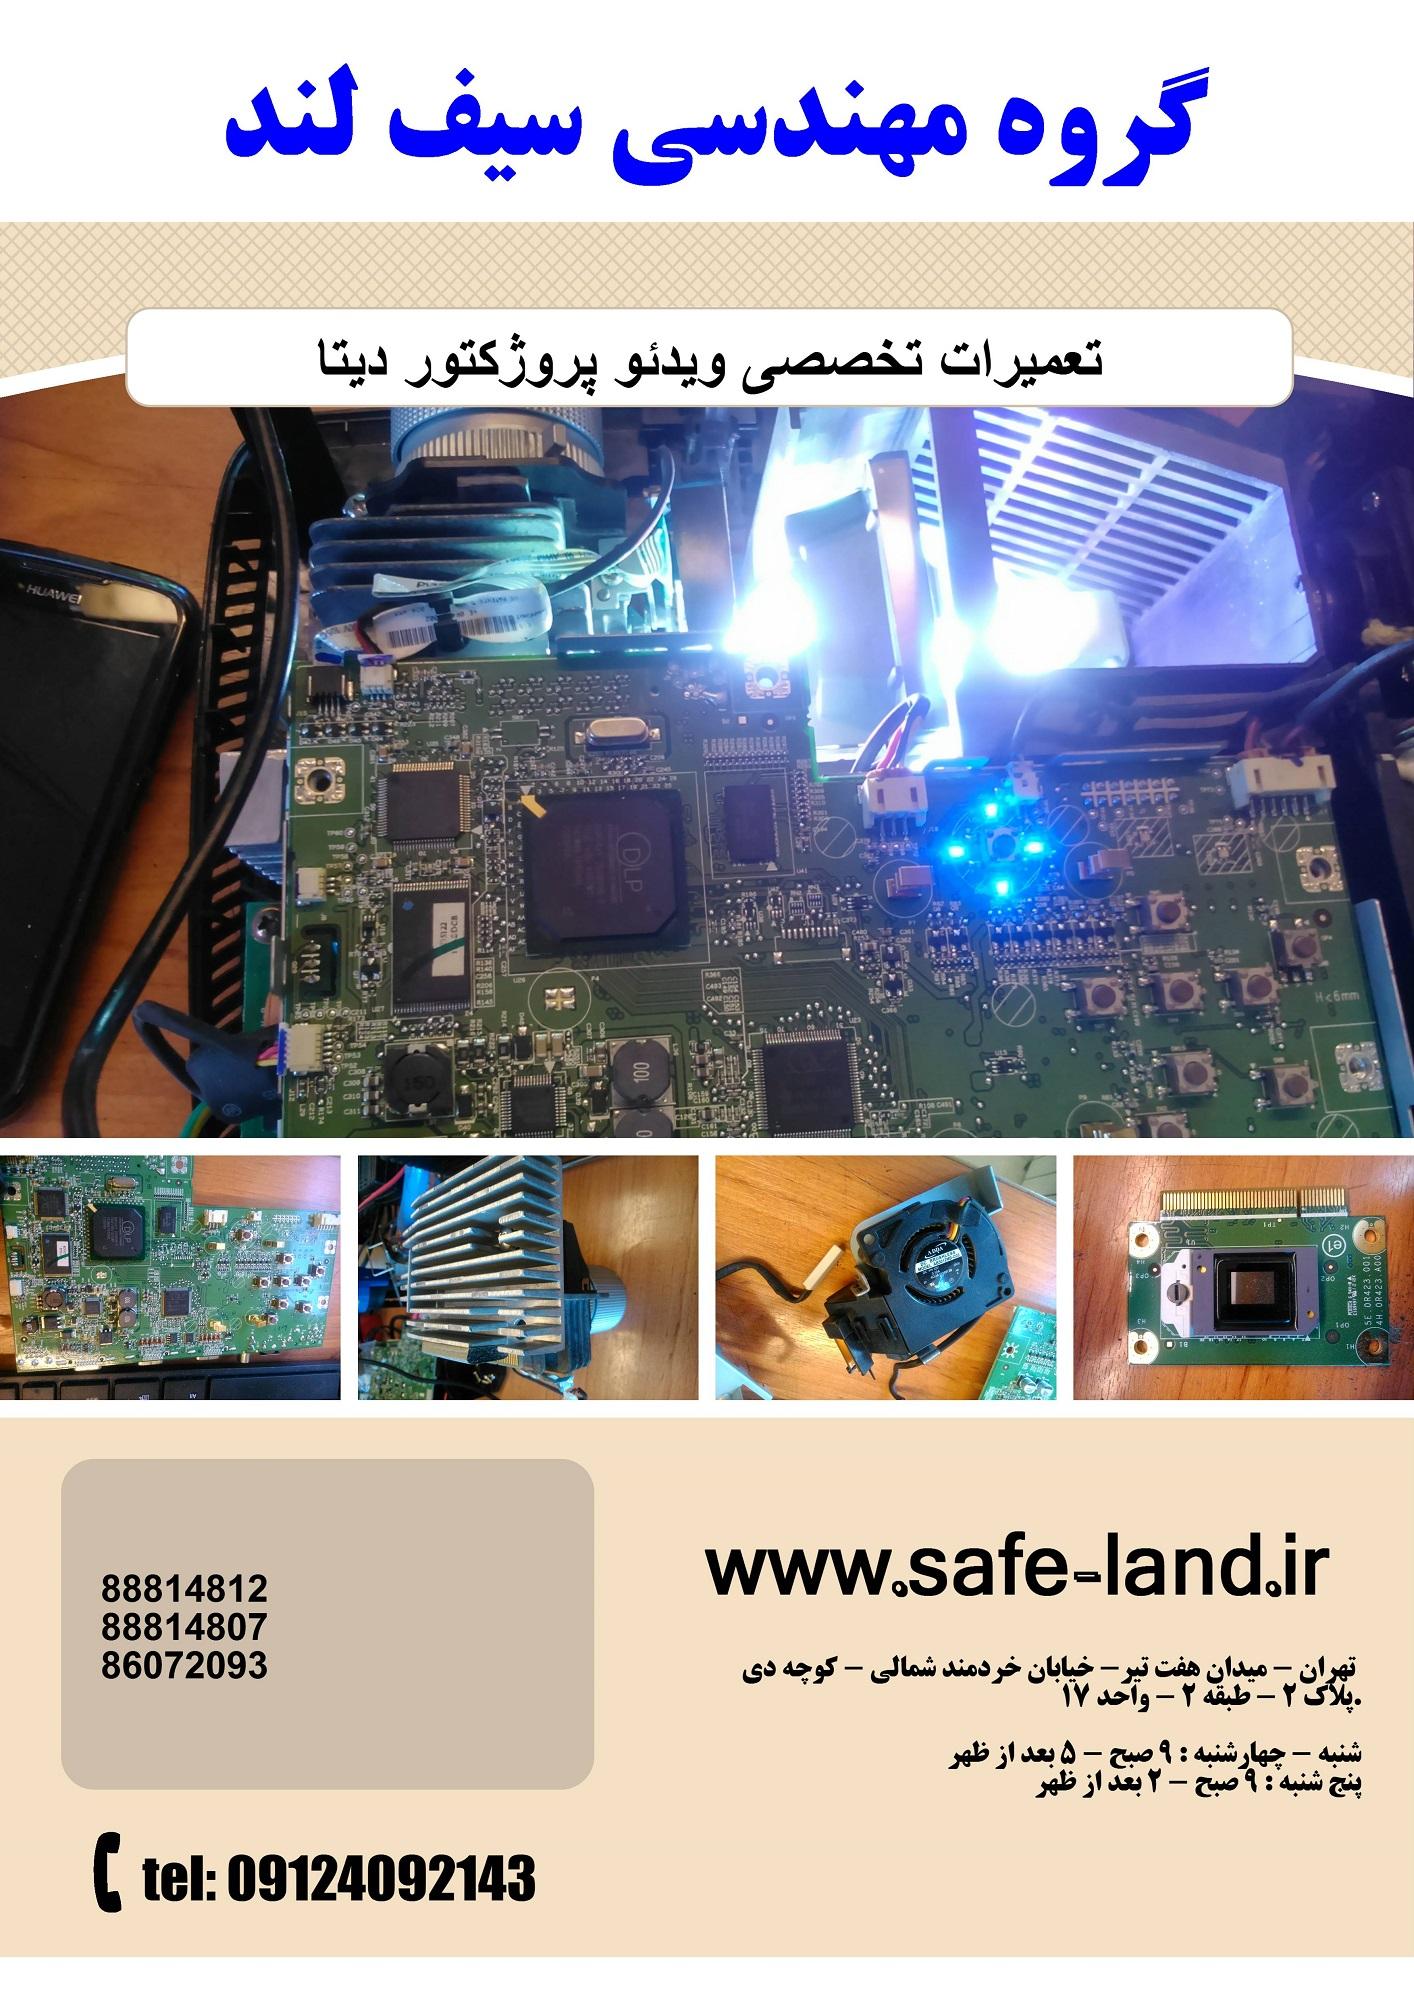 تعمیر انواع ویدئو پروژکتور دیتا  گروه مهندسی سیف لند5